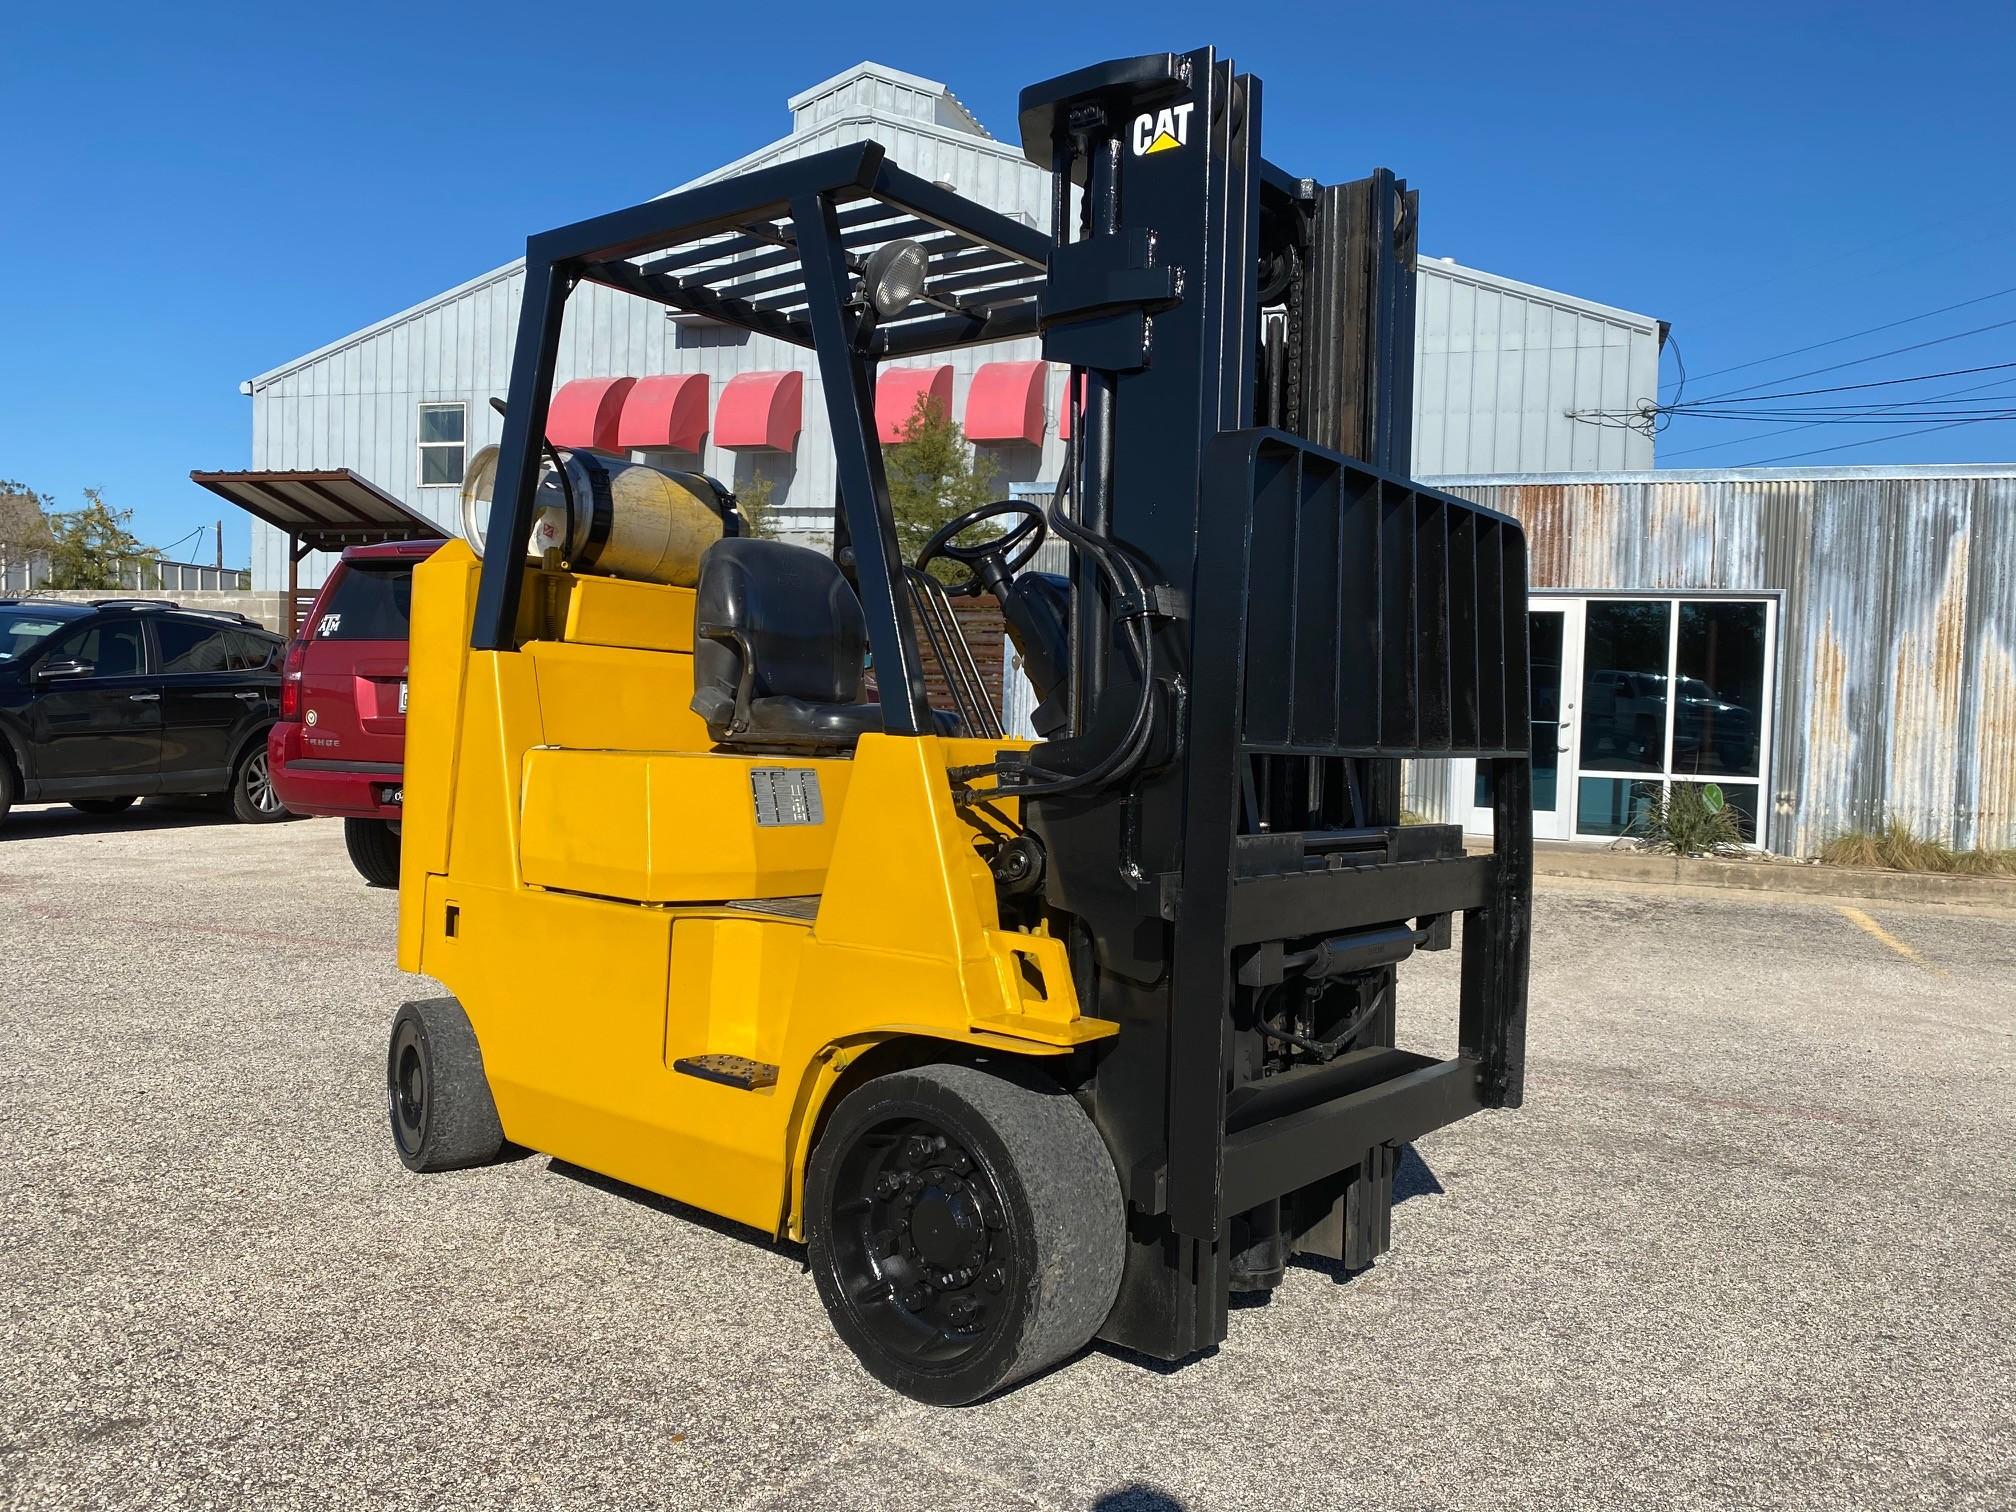 Used, 2006, CAT Lift Trucks, FGC40KS, Forklifts / Lift Trucks